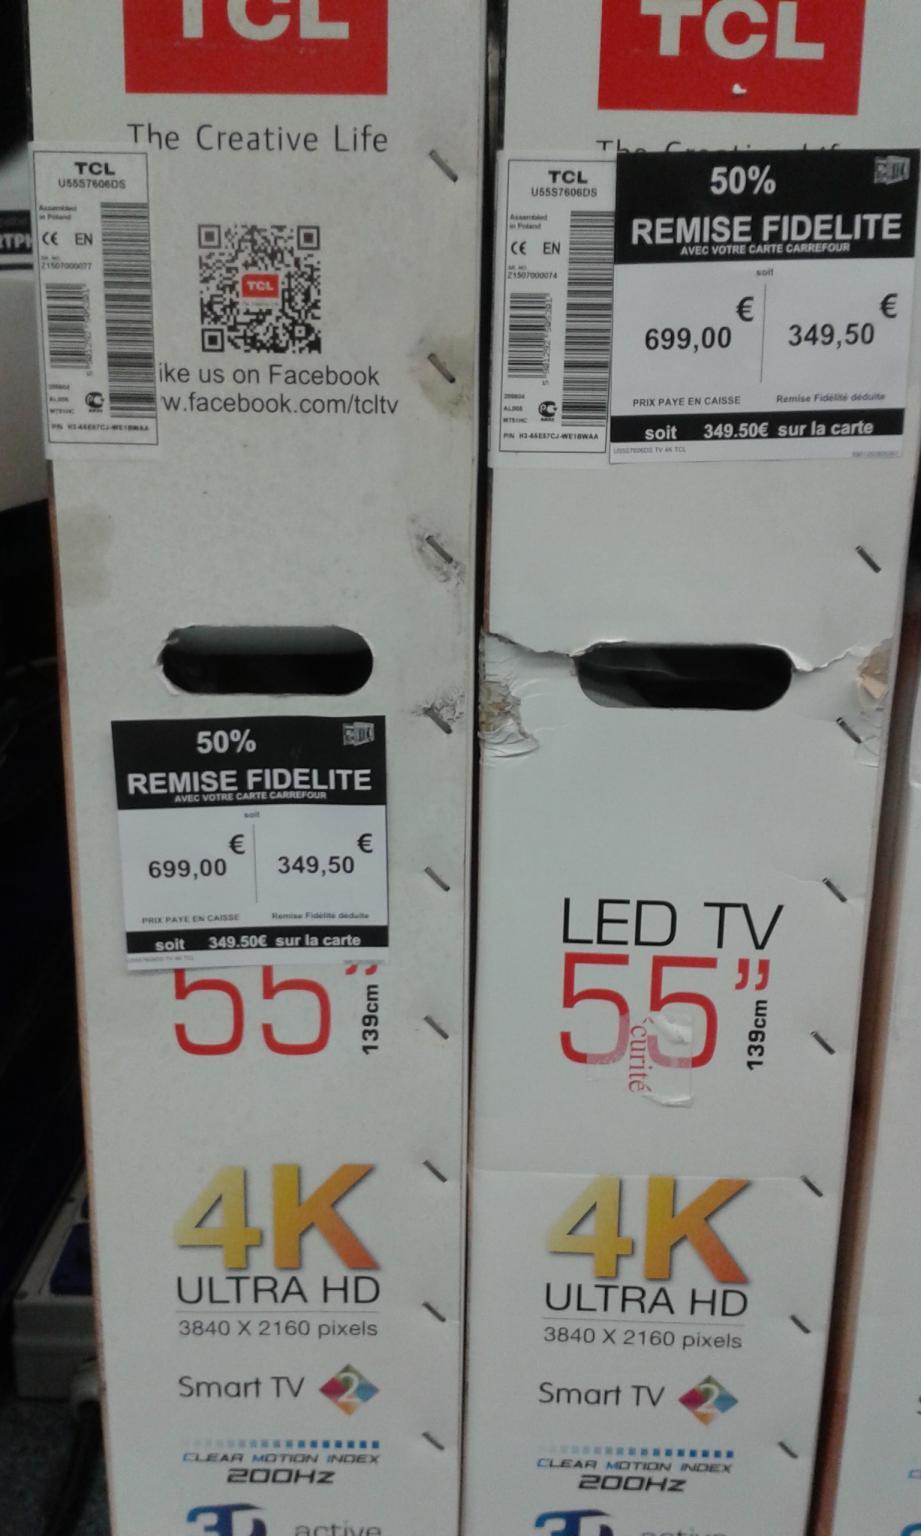 """Sélection d'articles electro en promotion - Ex : TV 55"""" TCL U55S7606DS 4K (via 349.5€ sur la carte)"""